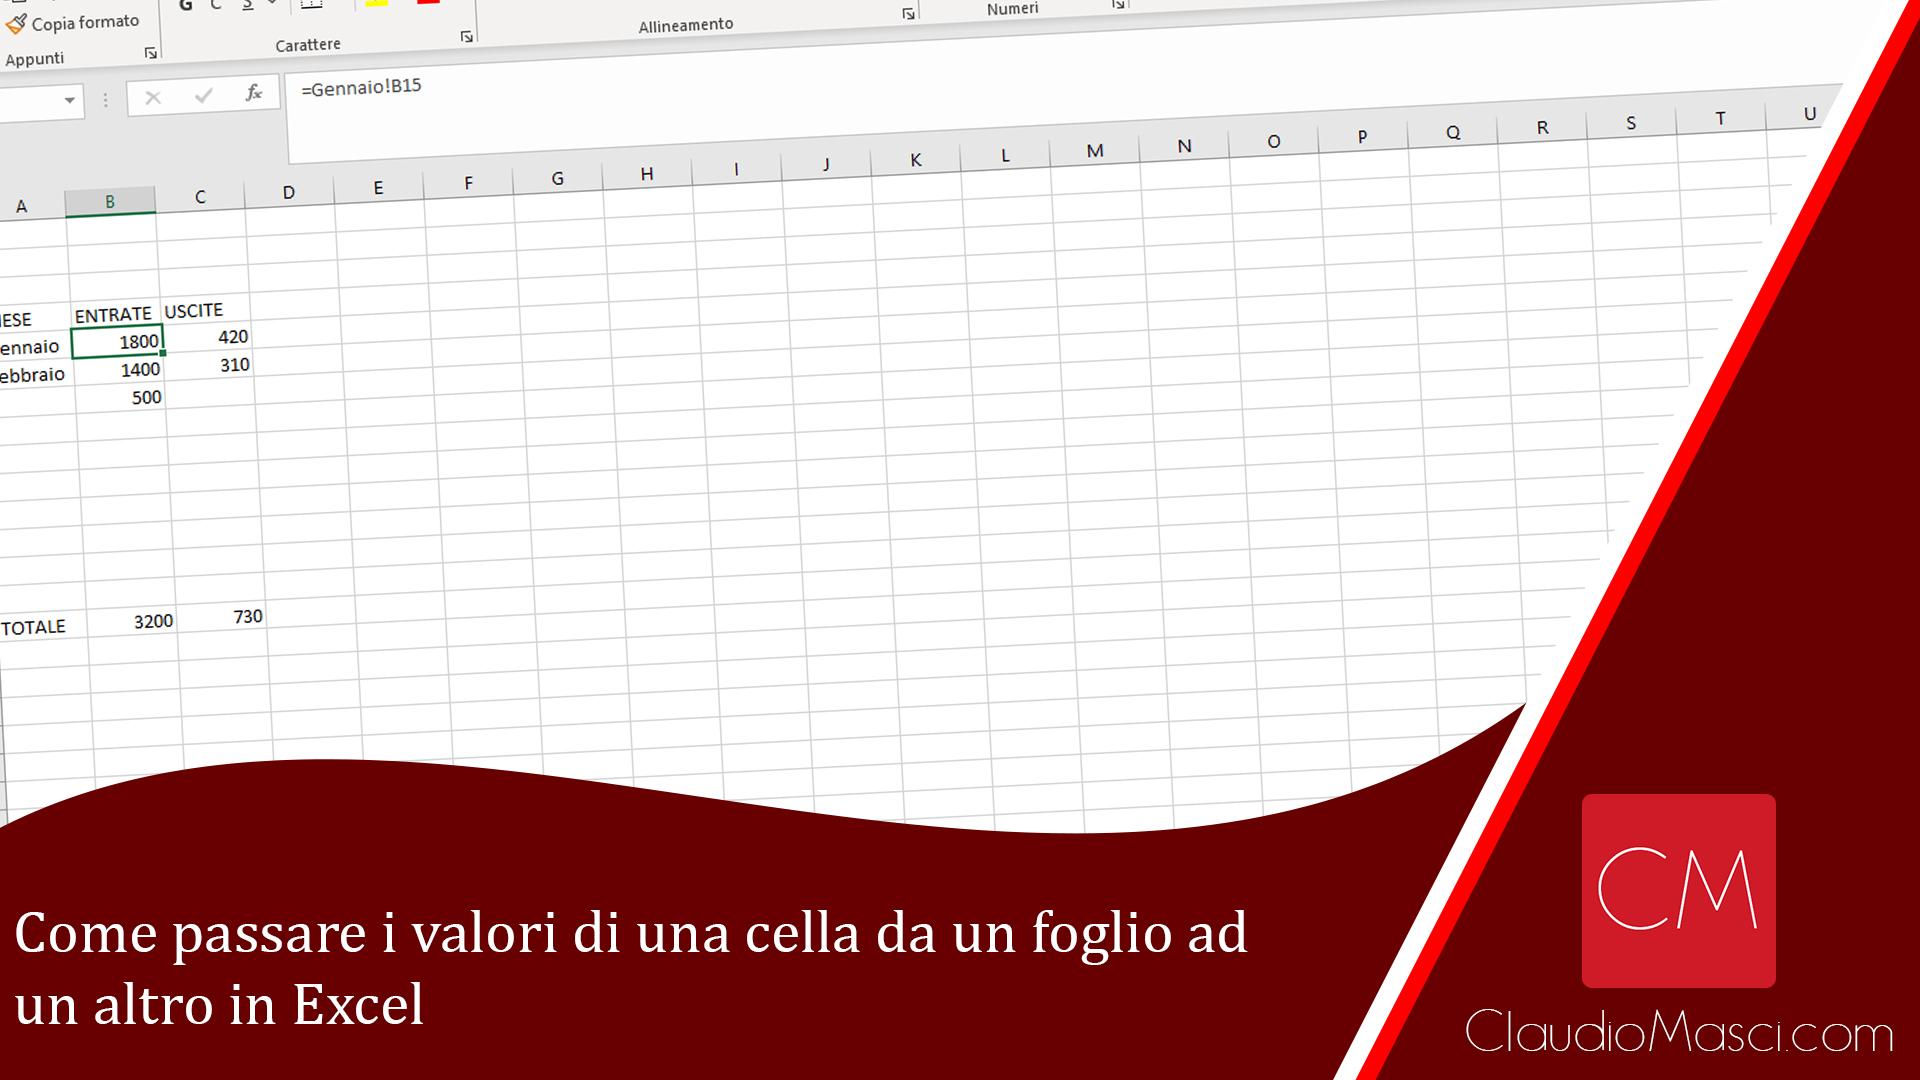 Come passare i valori di una cella da un foglio ad un altro in Excel